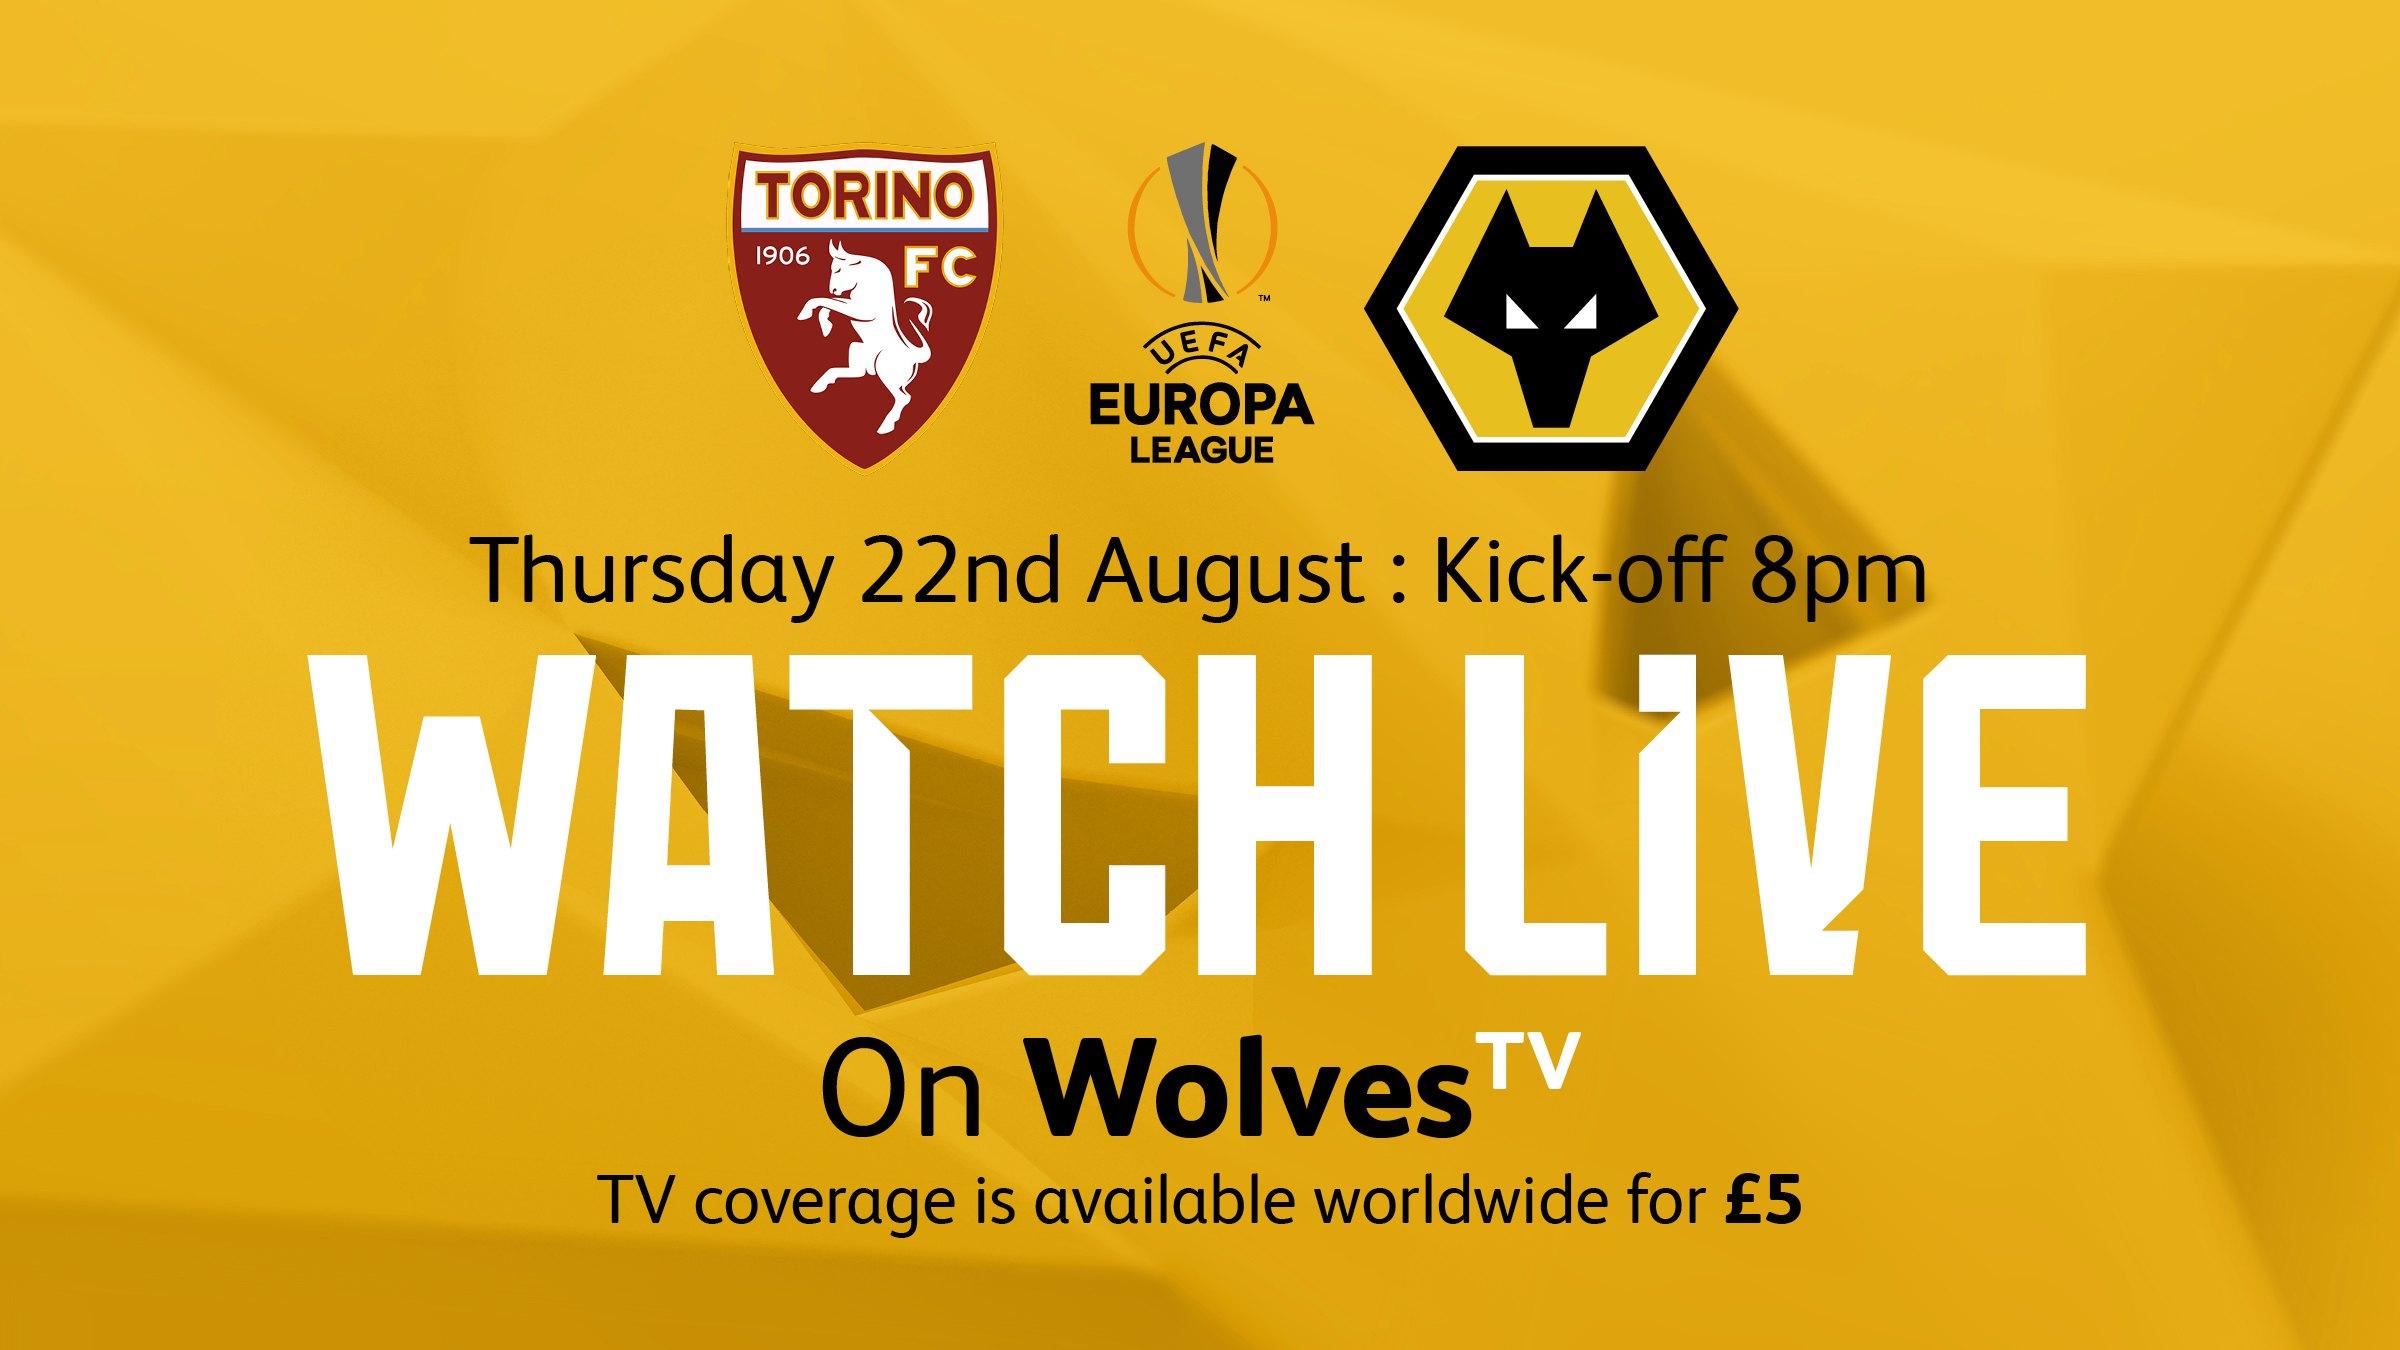 Watch Torino vs Wolves live on WolvesTV